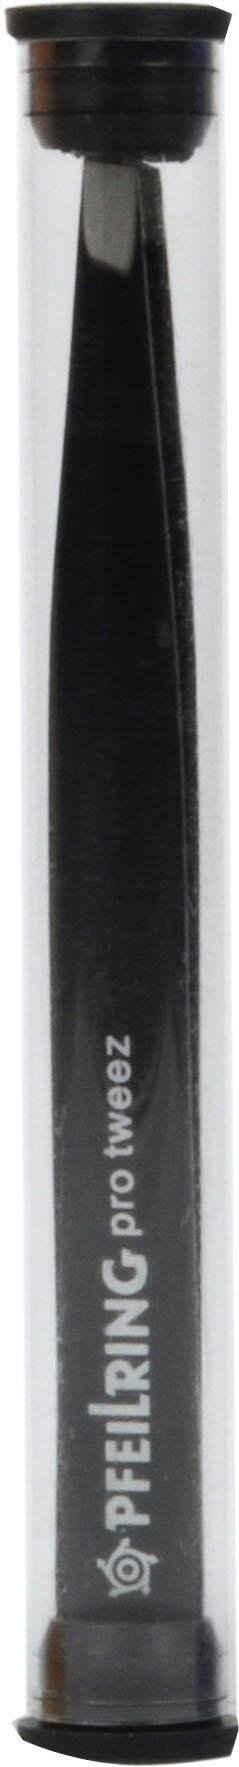 PFEILRING Pinzette »Pro Tweez«, in Plastikröhrchen